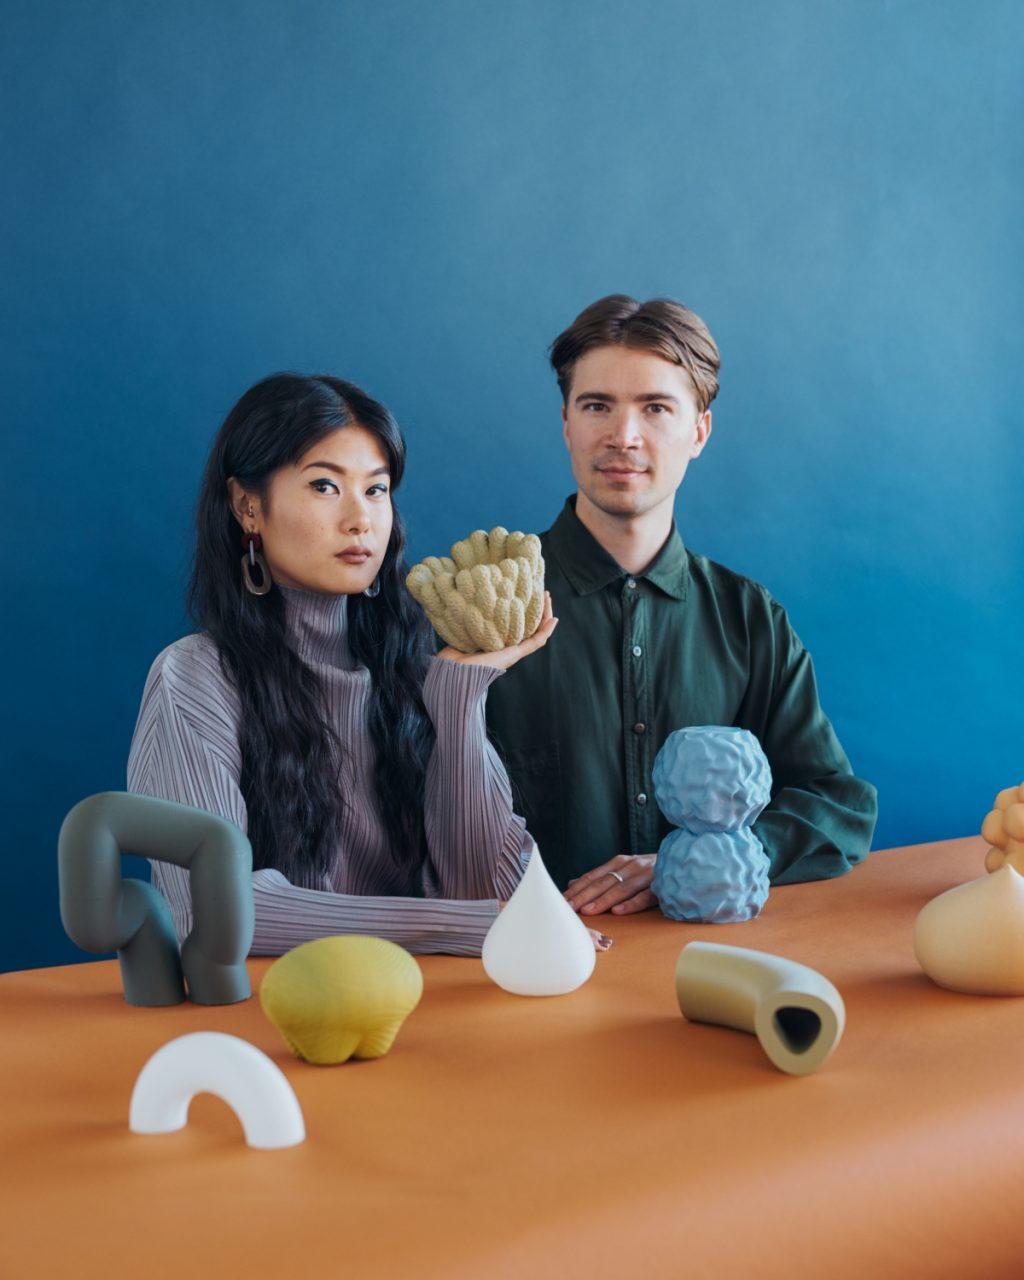 Wang & Söderström Φωτογραφία από τον Mishael Phillip